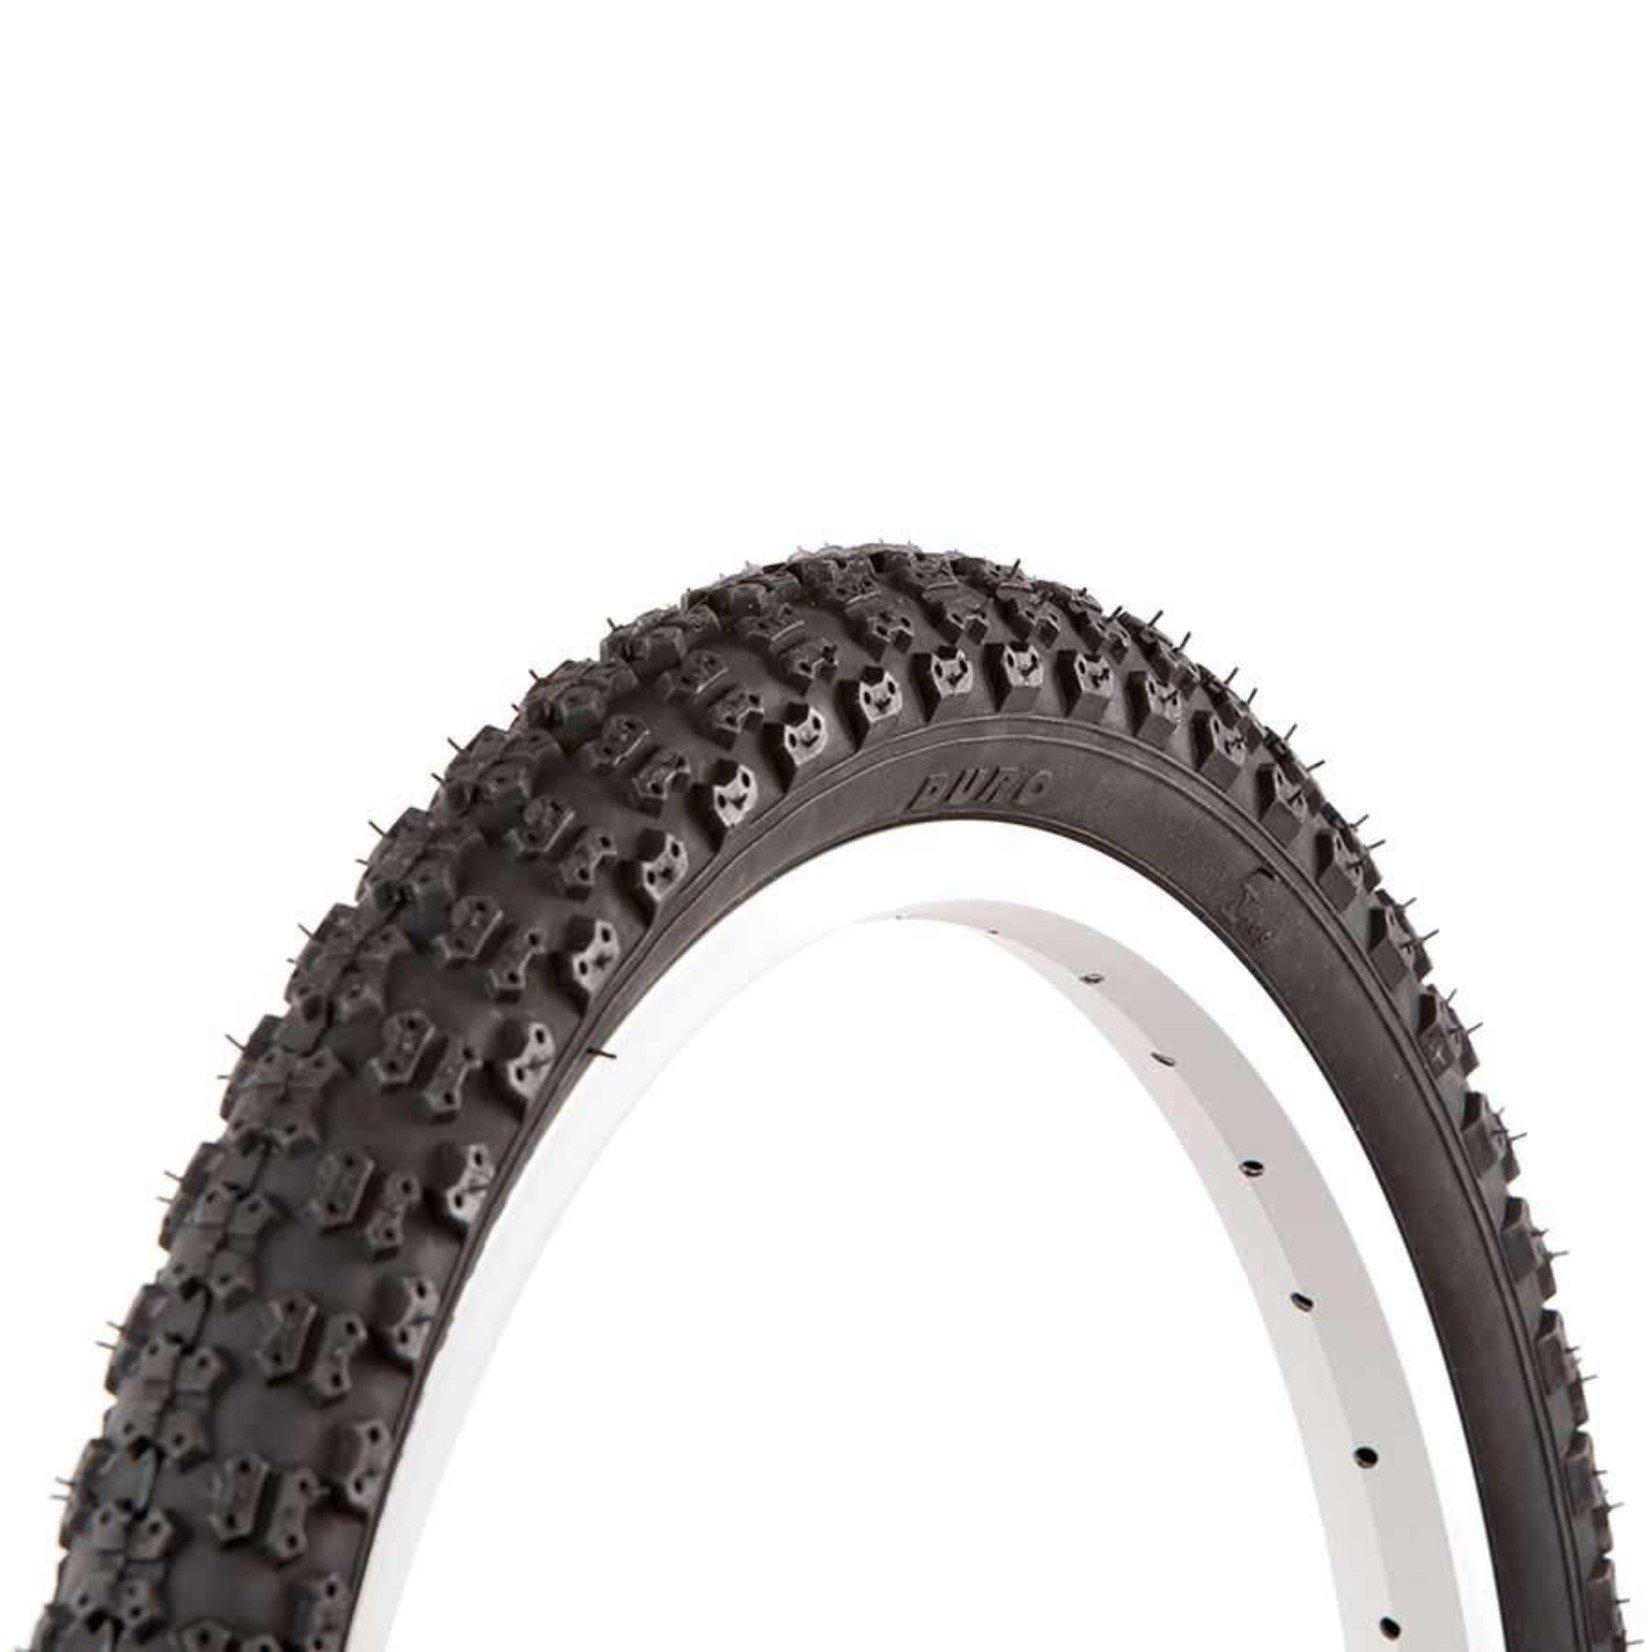 Evo Evo Splash Knobby Wire Bead Tire, 20x2.125